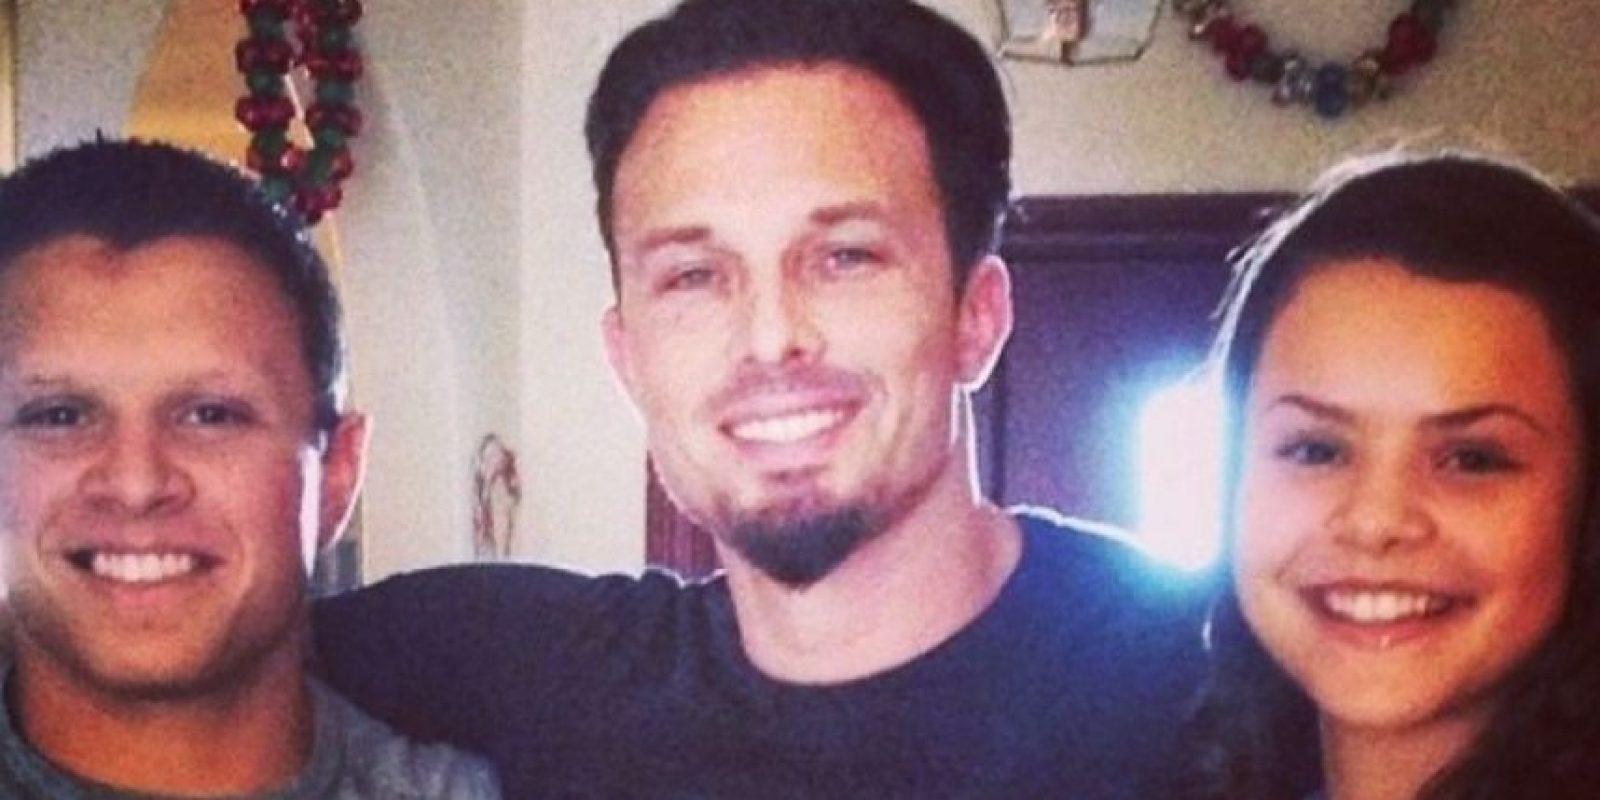 Joshua fue trasladado al hospital, donde lo declararon muerto y Medina entró a prisión, aunque cuatro días después fue liberado al alegar que actuó en defensa propia. Foto:vía instagram.com/rickthemodel